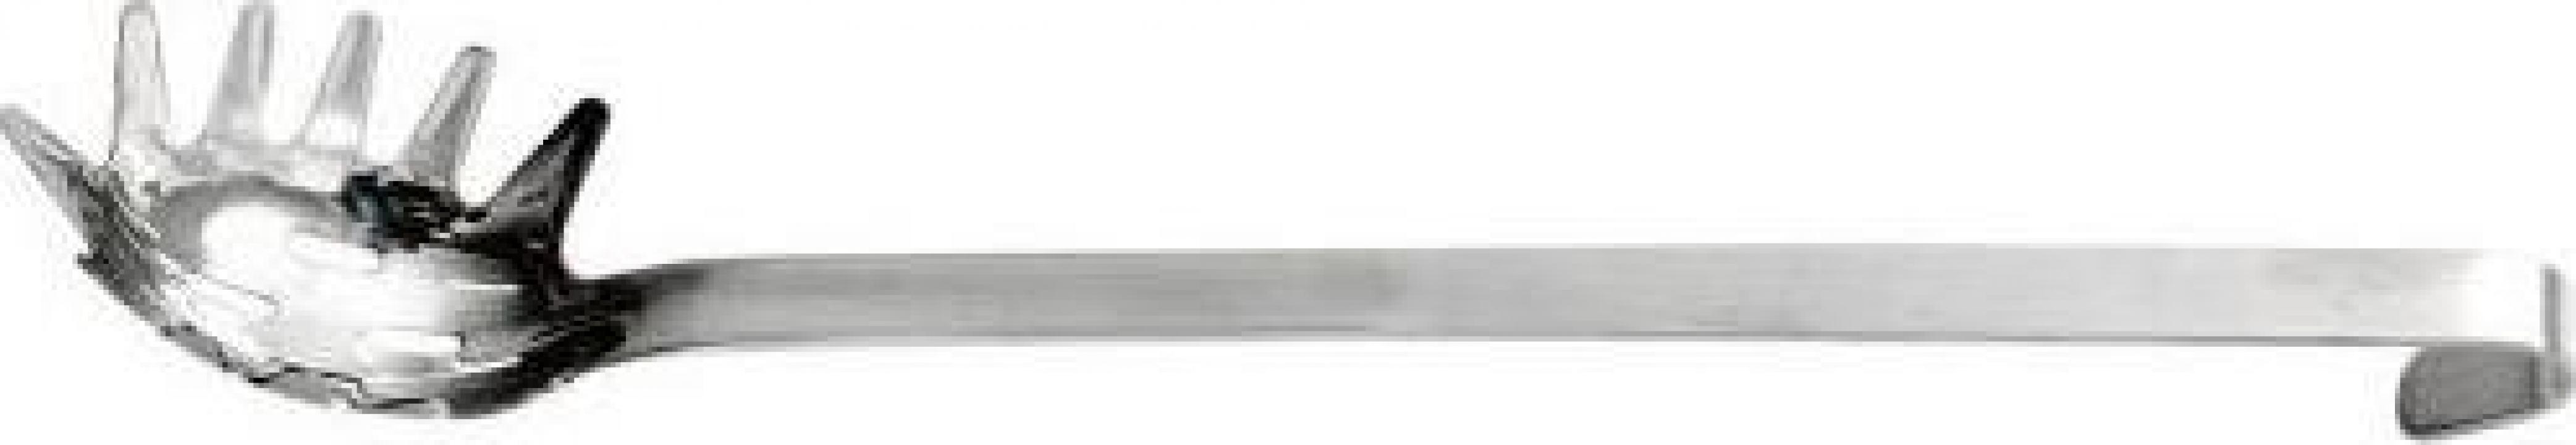 Lingura pentru paste inox monobloc 40 cm